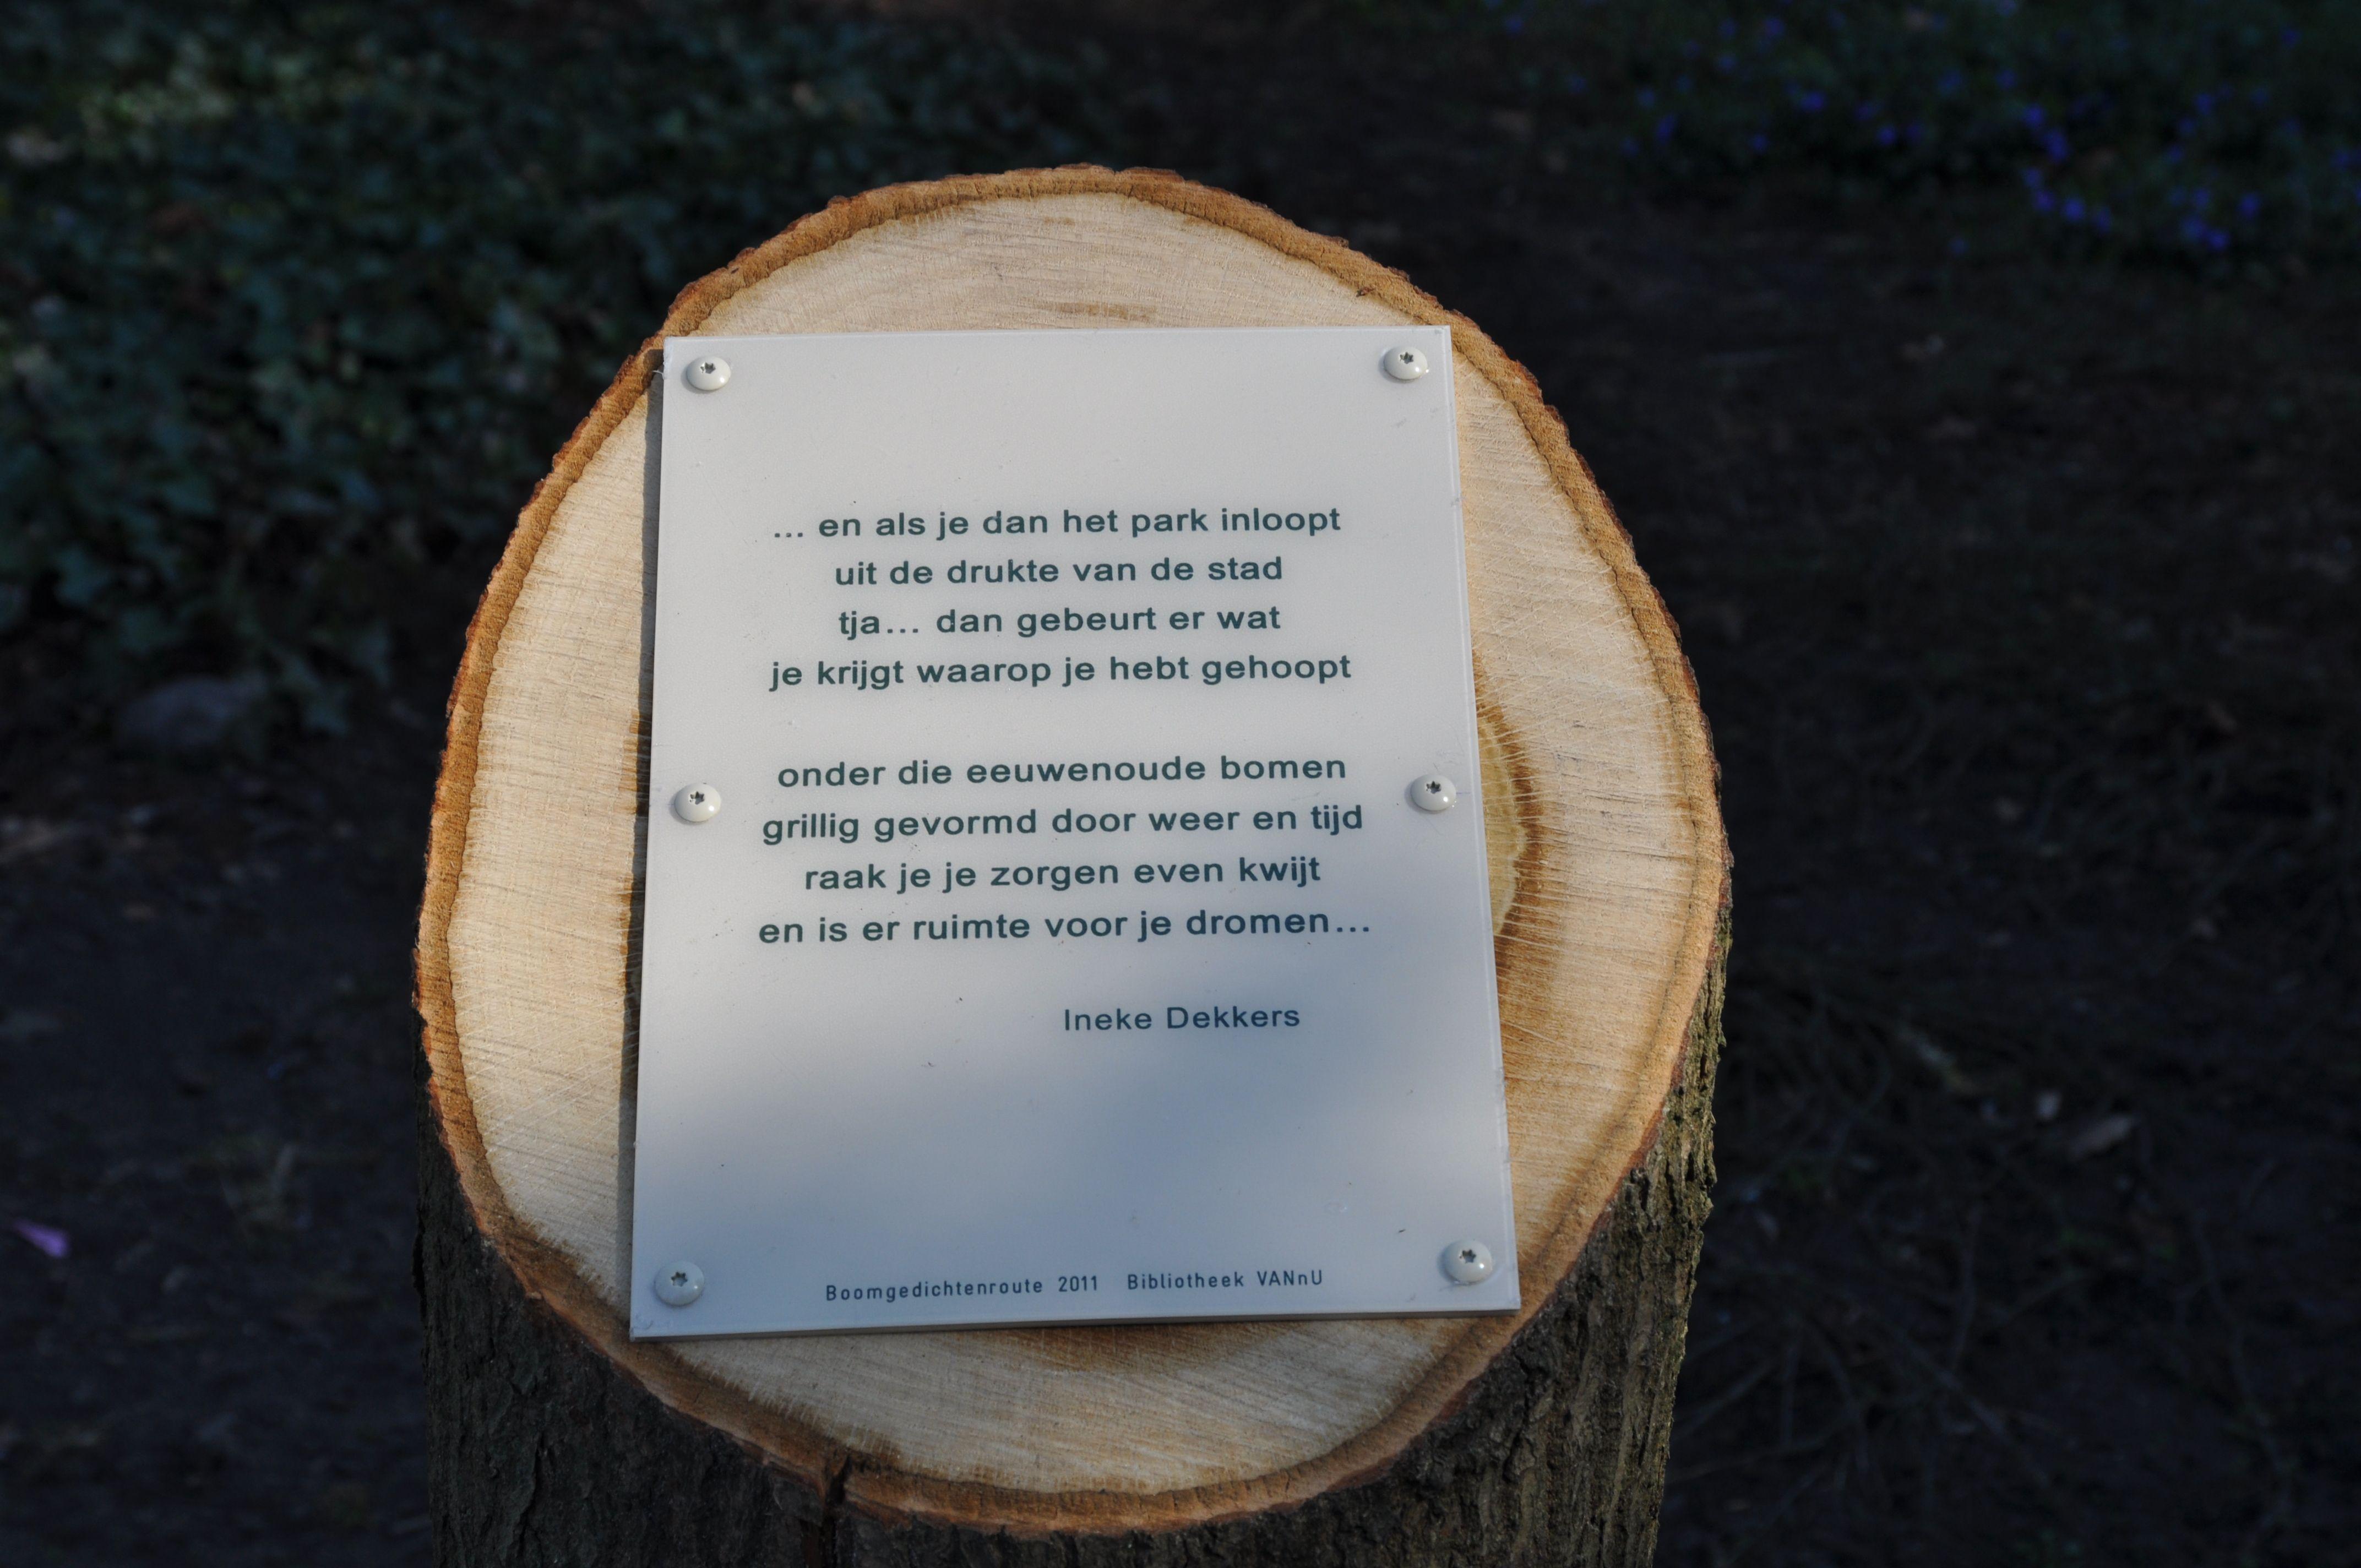 Boomgedichtenroute Emile van Loonpark #roosendaal, gedicht van Ineke Dekkers